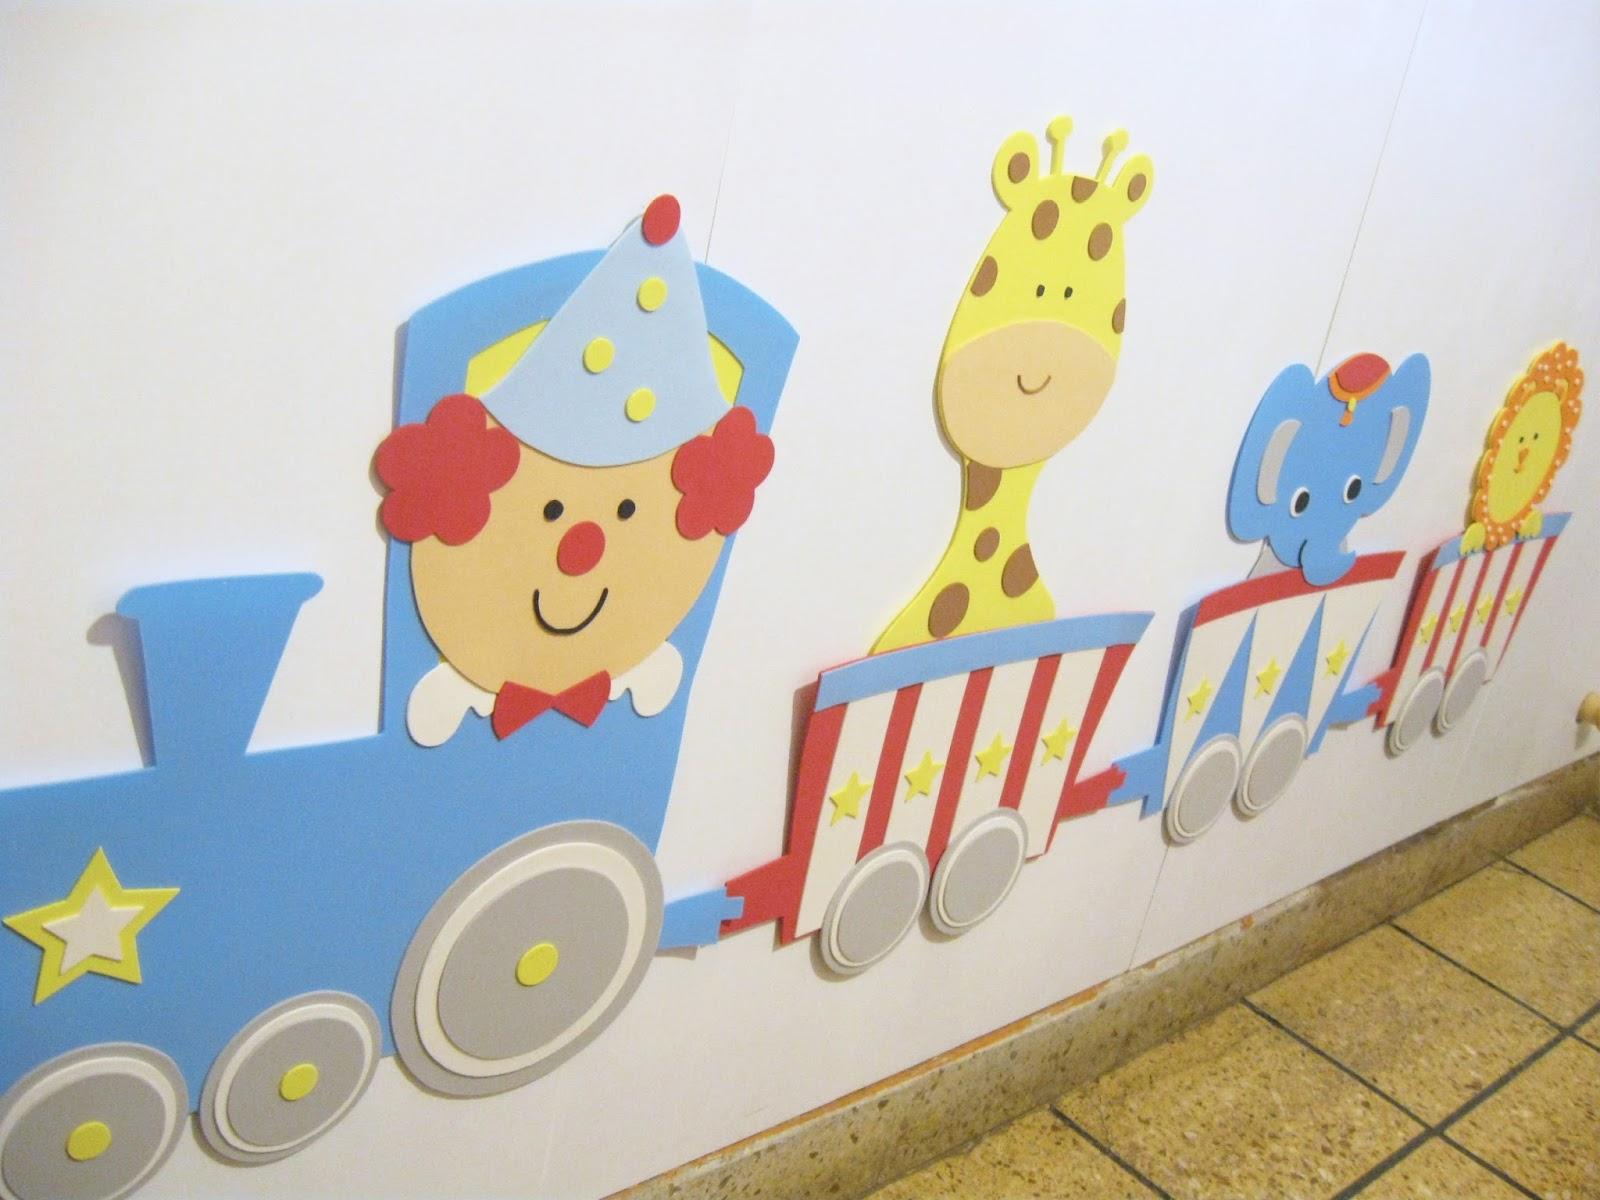 Accesorios infantiles con dise o decoracion tema circo - Decorar paredes infantiles con goma eva ...